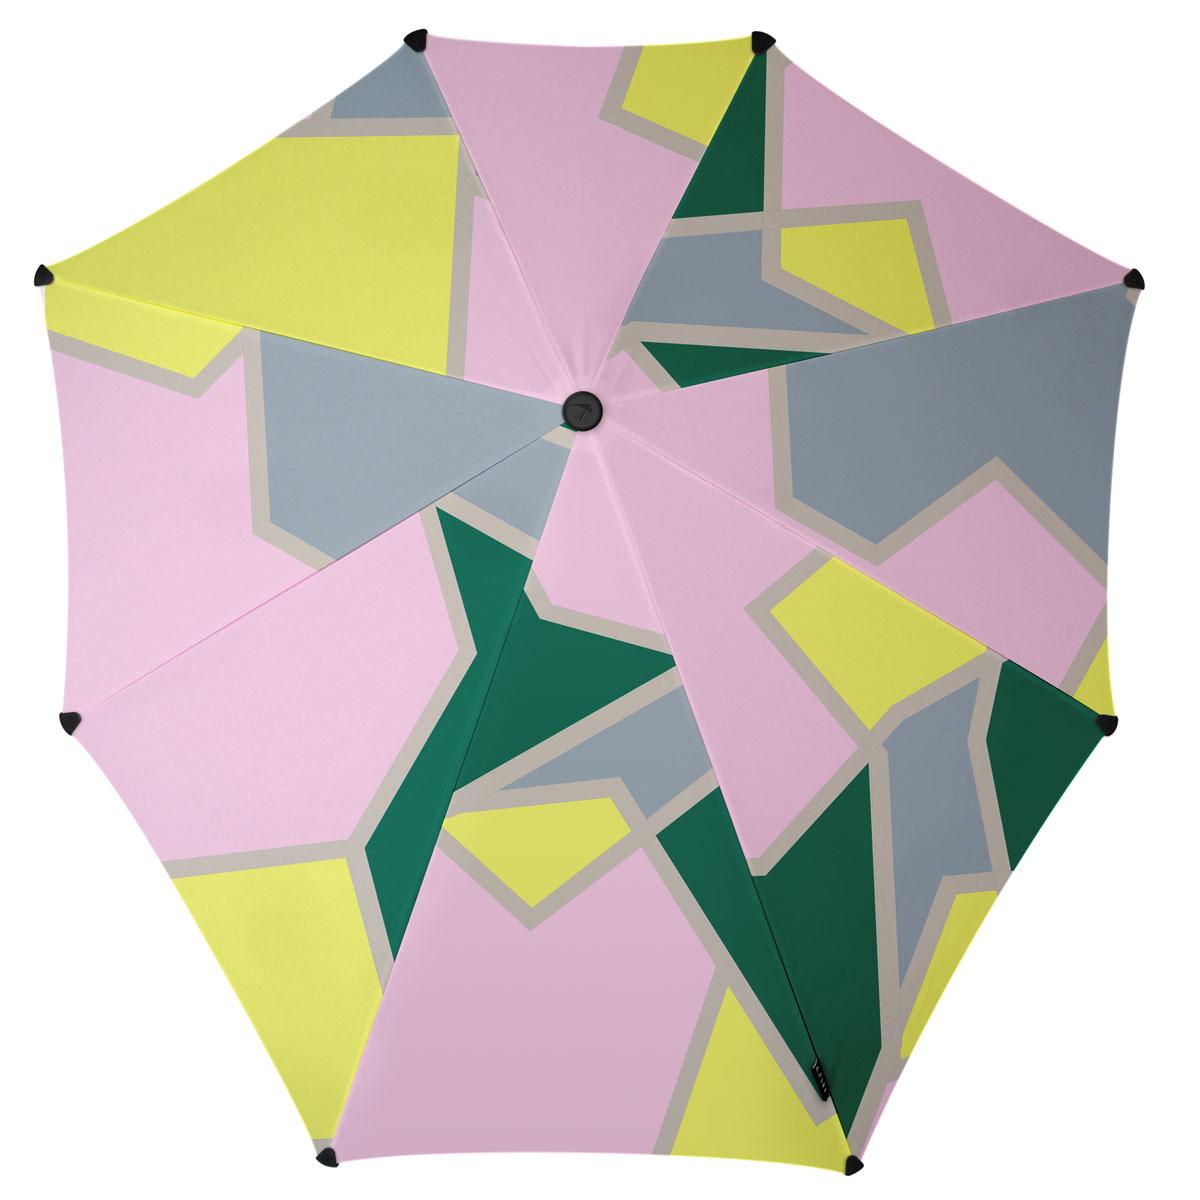 Зонт-трость Senz, цвет: серый, розовый, салатовый. 201107845100948B/32793/5900NИнновационный противоштормовый зонт, выдерживающий любую непогоду. Входит в коллекцию global playground, разработанную в соответствии с современными течениями fashion-индустрии. Вдохновением для дизайнеров стали улицы городов по всему земному шару. На новых принтах вы встретите уникальный микс всего, что мы открываем для себя во время путешествий: разнообразие оттенков, цветов, теней, линий и форм. Зонт Senz отлично дополнит образ, подчеркнет индивидуальность и вкус своего обладателя.Форма купола продумана так, что вы легко найдете самое удобное положение на ветру – без паники и без борьбы со стихией. Закрывает спину от дождя. Благодаря своей усовершенствованной конструкции, зонт не выворачивается наизнанку даже при сильном ветре. Модель Senz Original выдержала испытания в аэротрубе со скоростью ветра 100 км/ч. Характеристики:- тип — трость- выдерживает порывы ветра до 100 км/ч- УФ-защита 50+- удобная мягкая ручка- безопасные колпачки на кончиках спицах- в комплекте прочный чехол из плотной ткани с лямкой на плечо - гарантия 2 года